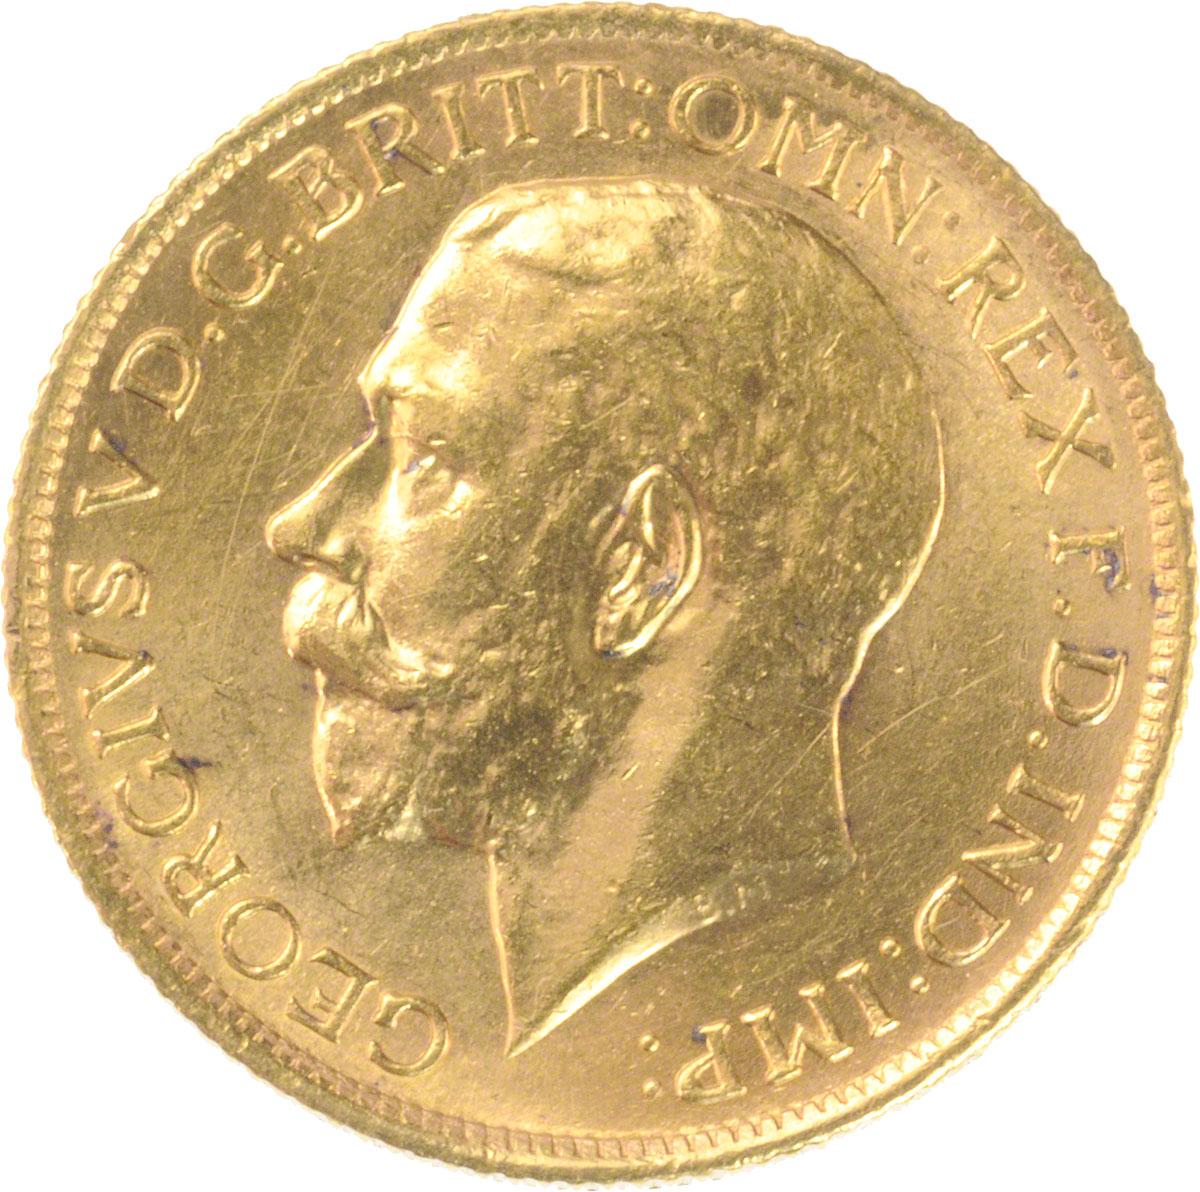 1925 Γεώργιος Ε' (Νομισματοκοπείο Σίδνεϊ)